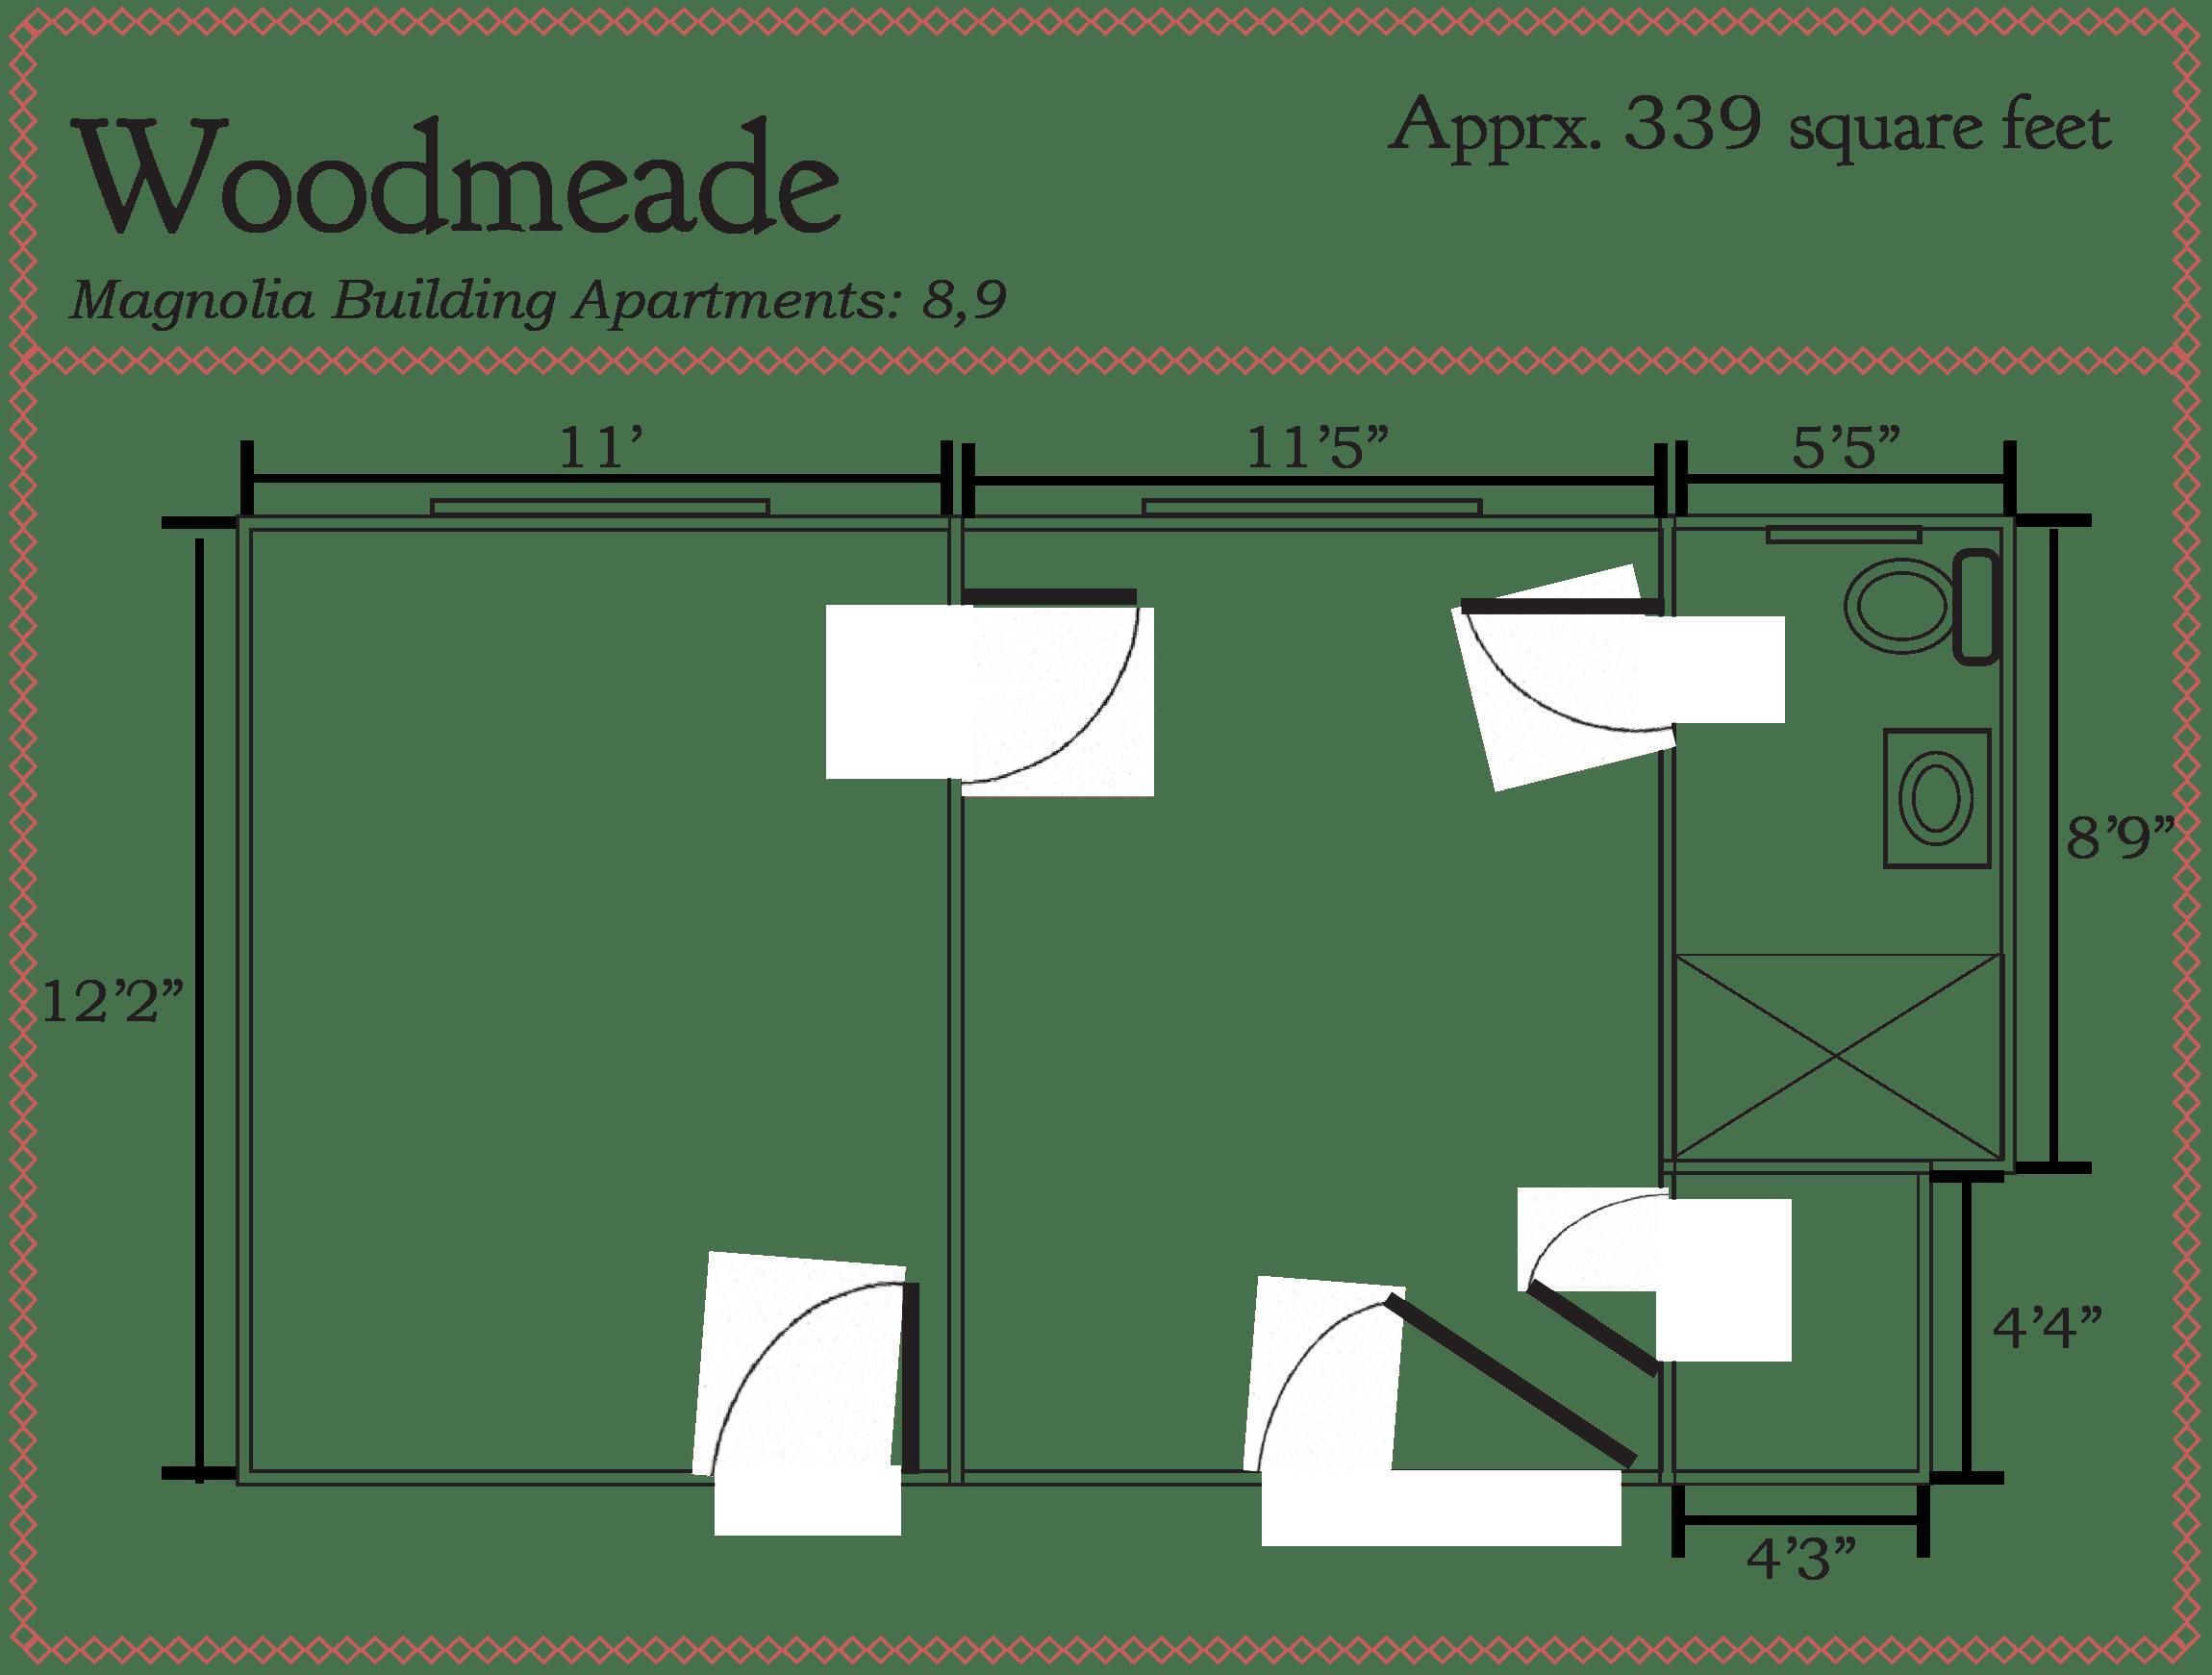 Woodmeade